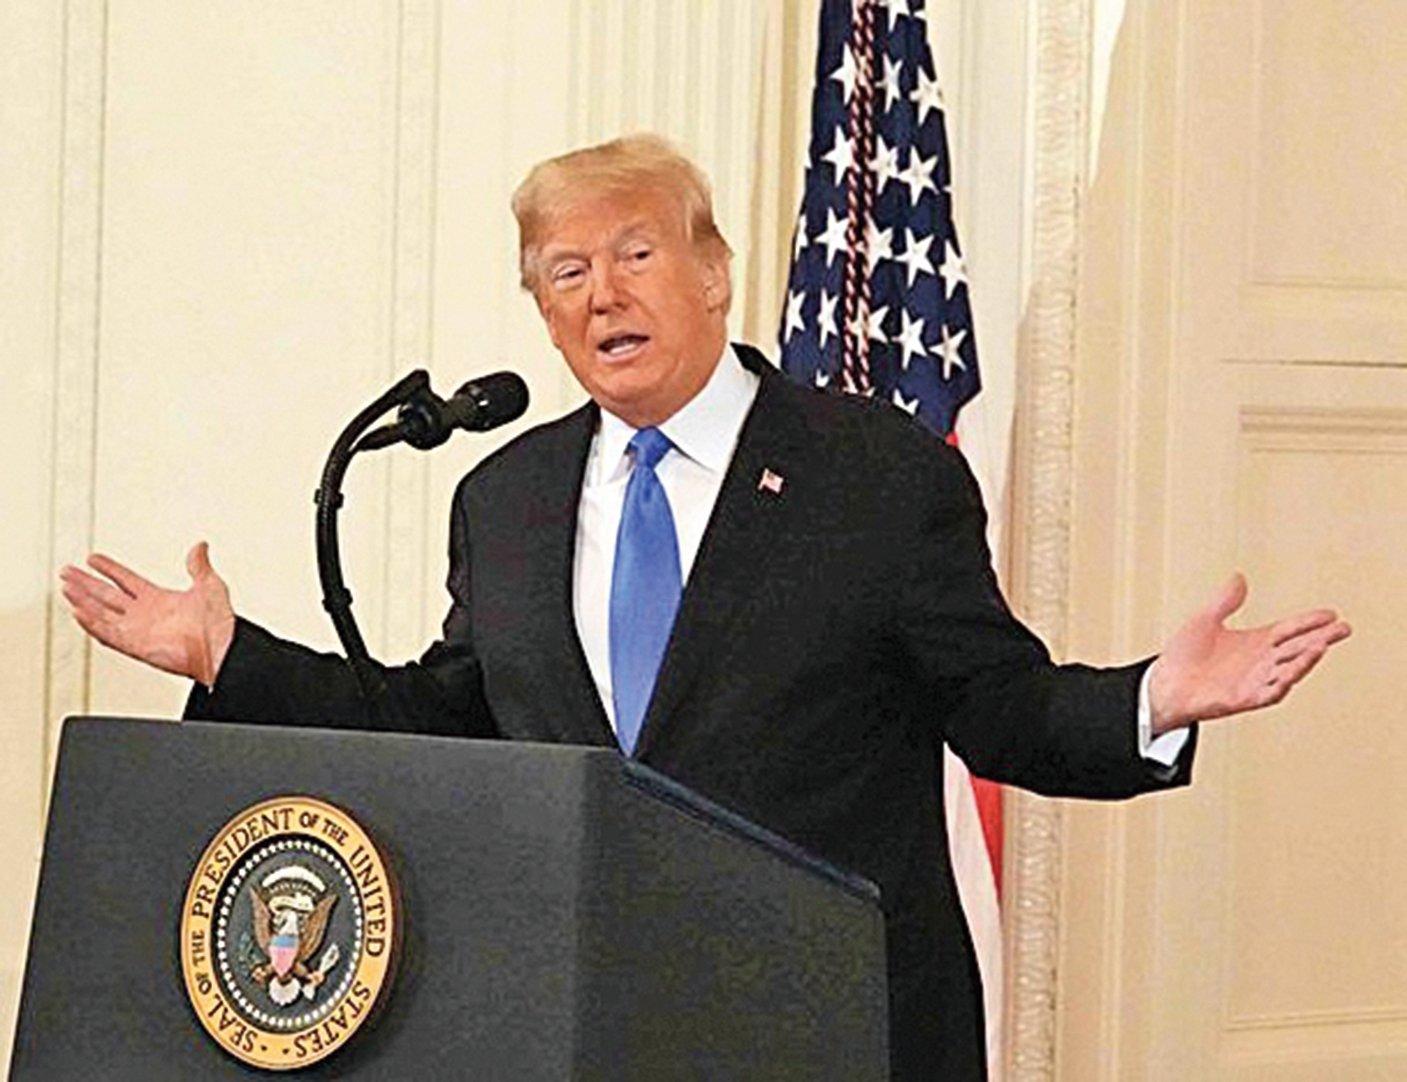 特朗普總統7日在白宮舉行選後記者會時表示,「中國(經濟)已經大幅度下滑,很大幅度。」 圖為特朗普11月7日在白宮的記者會上發言。(亦平/大紀元)